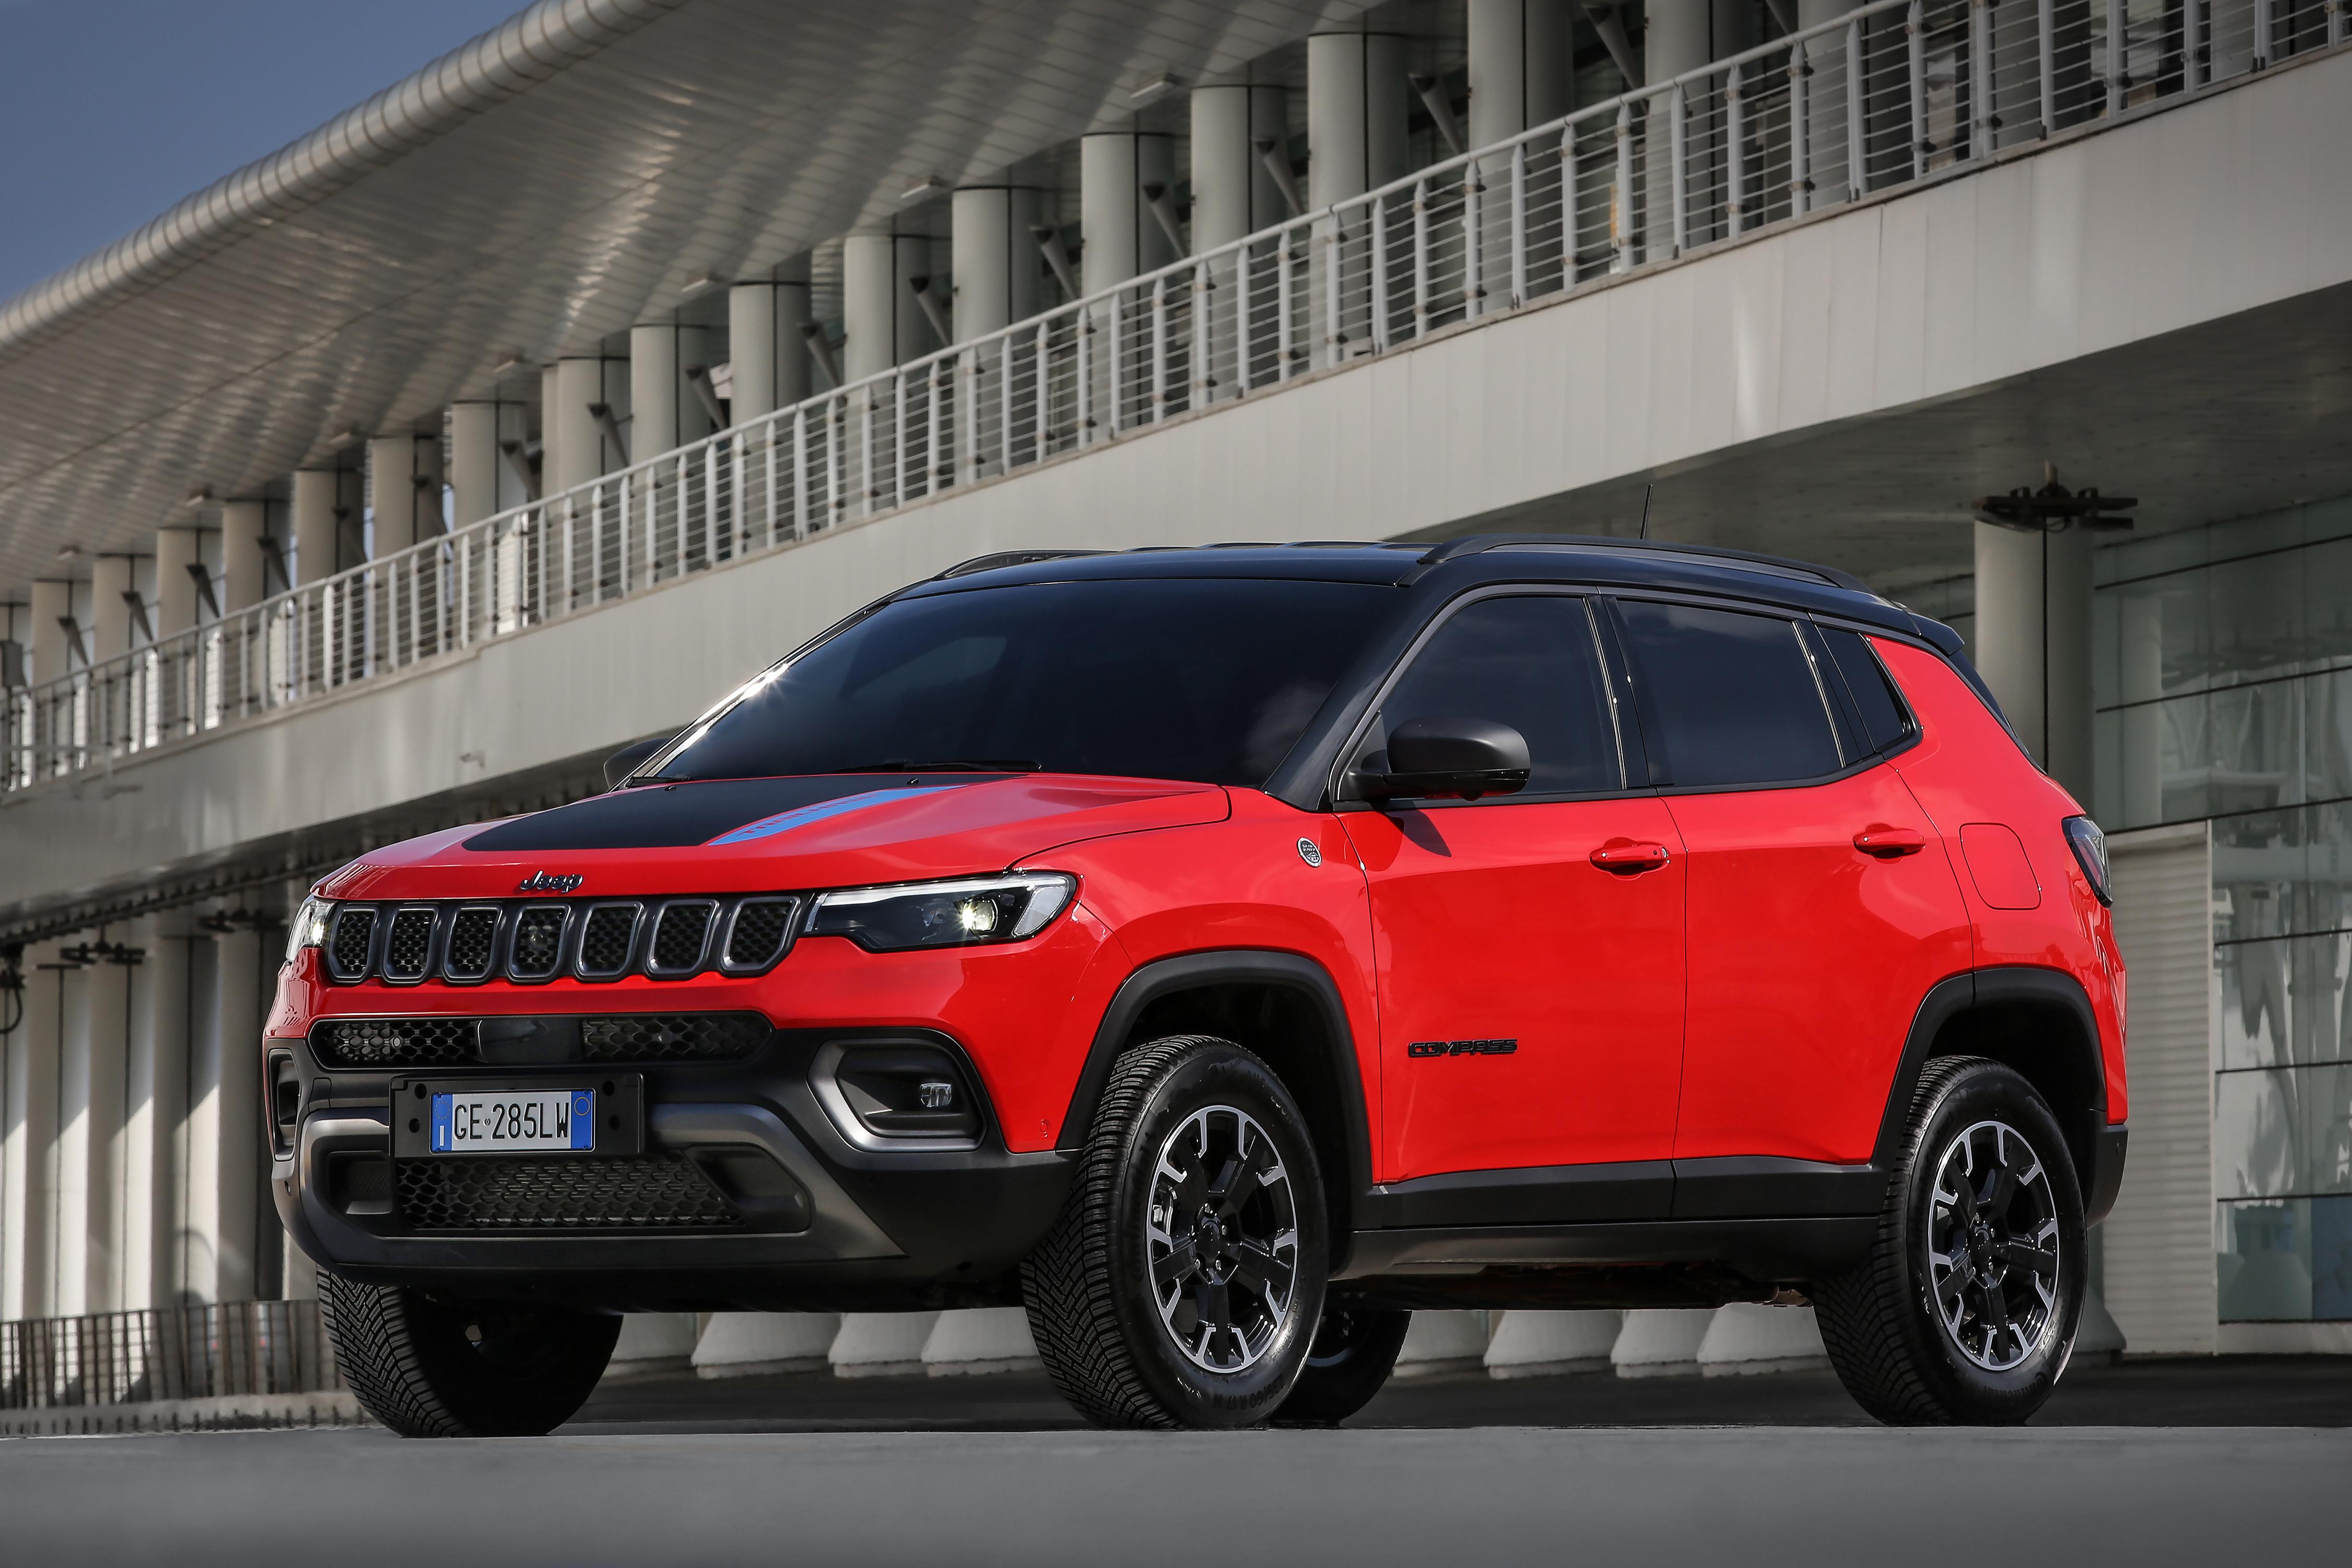 Фотографии Джип Compass Trailhawk 4xe, EU-spec, (MP), 2021 красные машина Металлик Jeep красная Красный красных авто машины Автомобили автомобиль